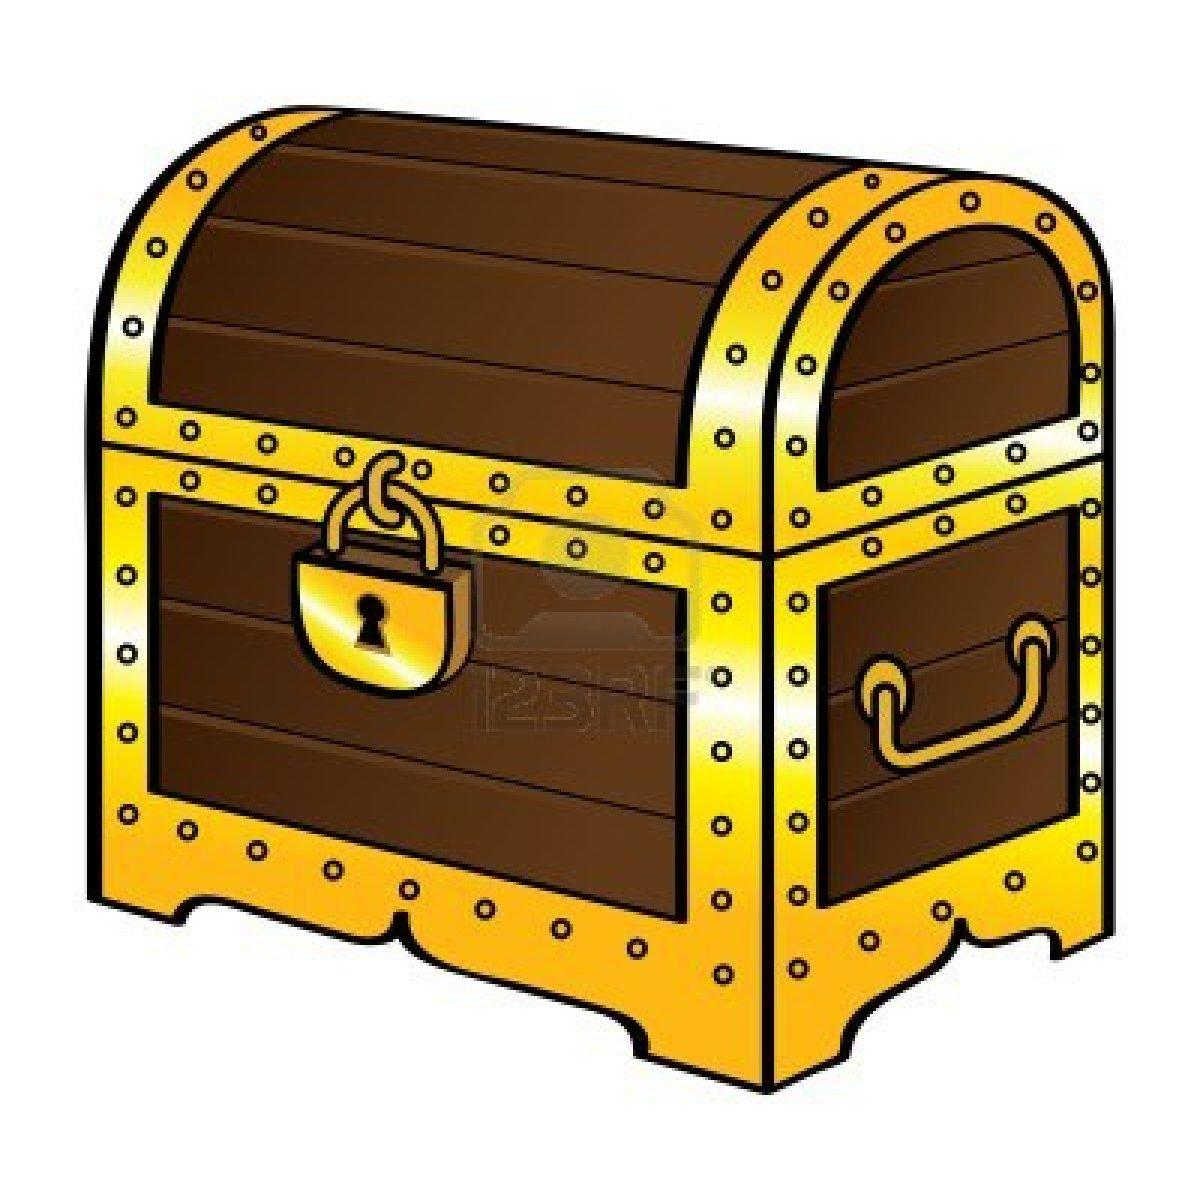 Treasure chest clip art vector .